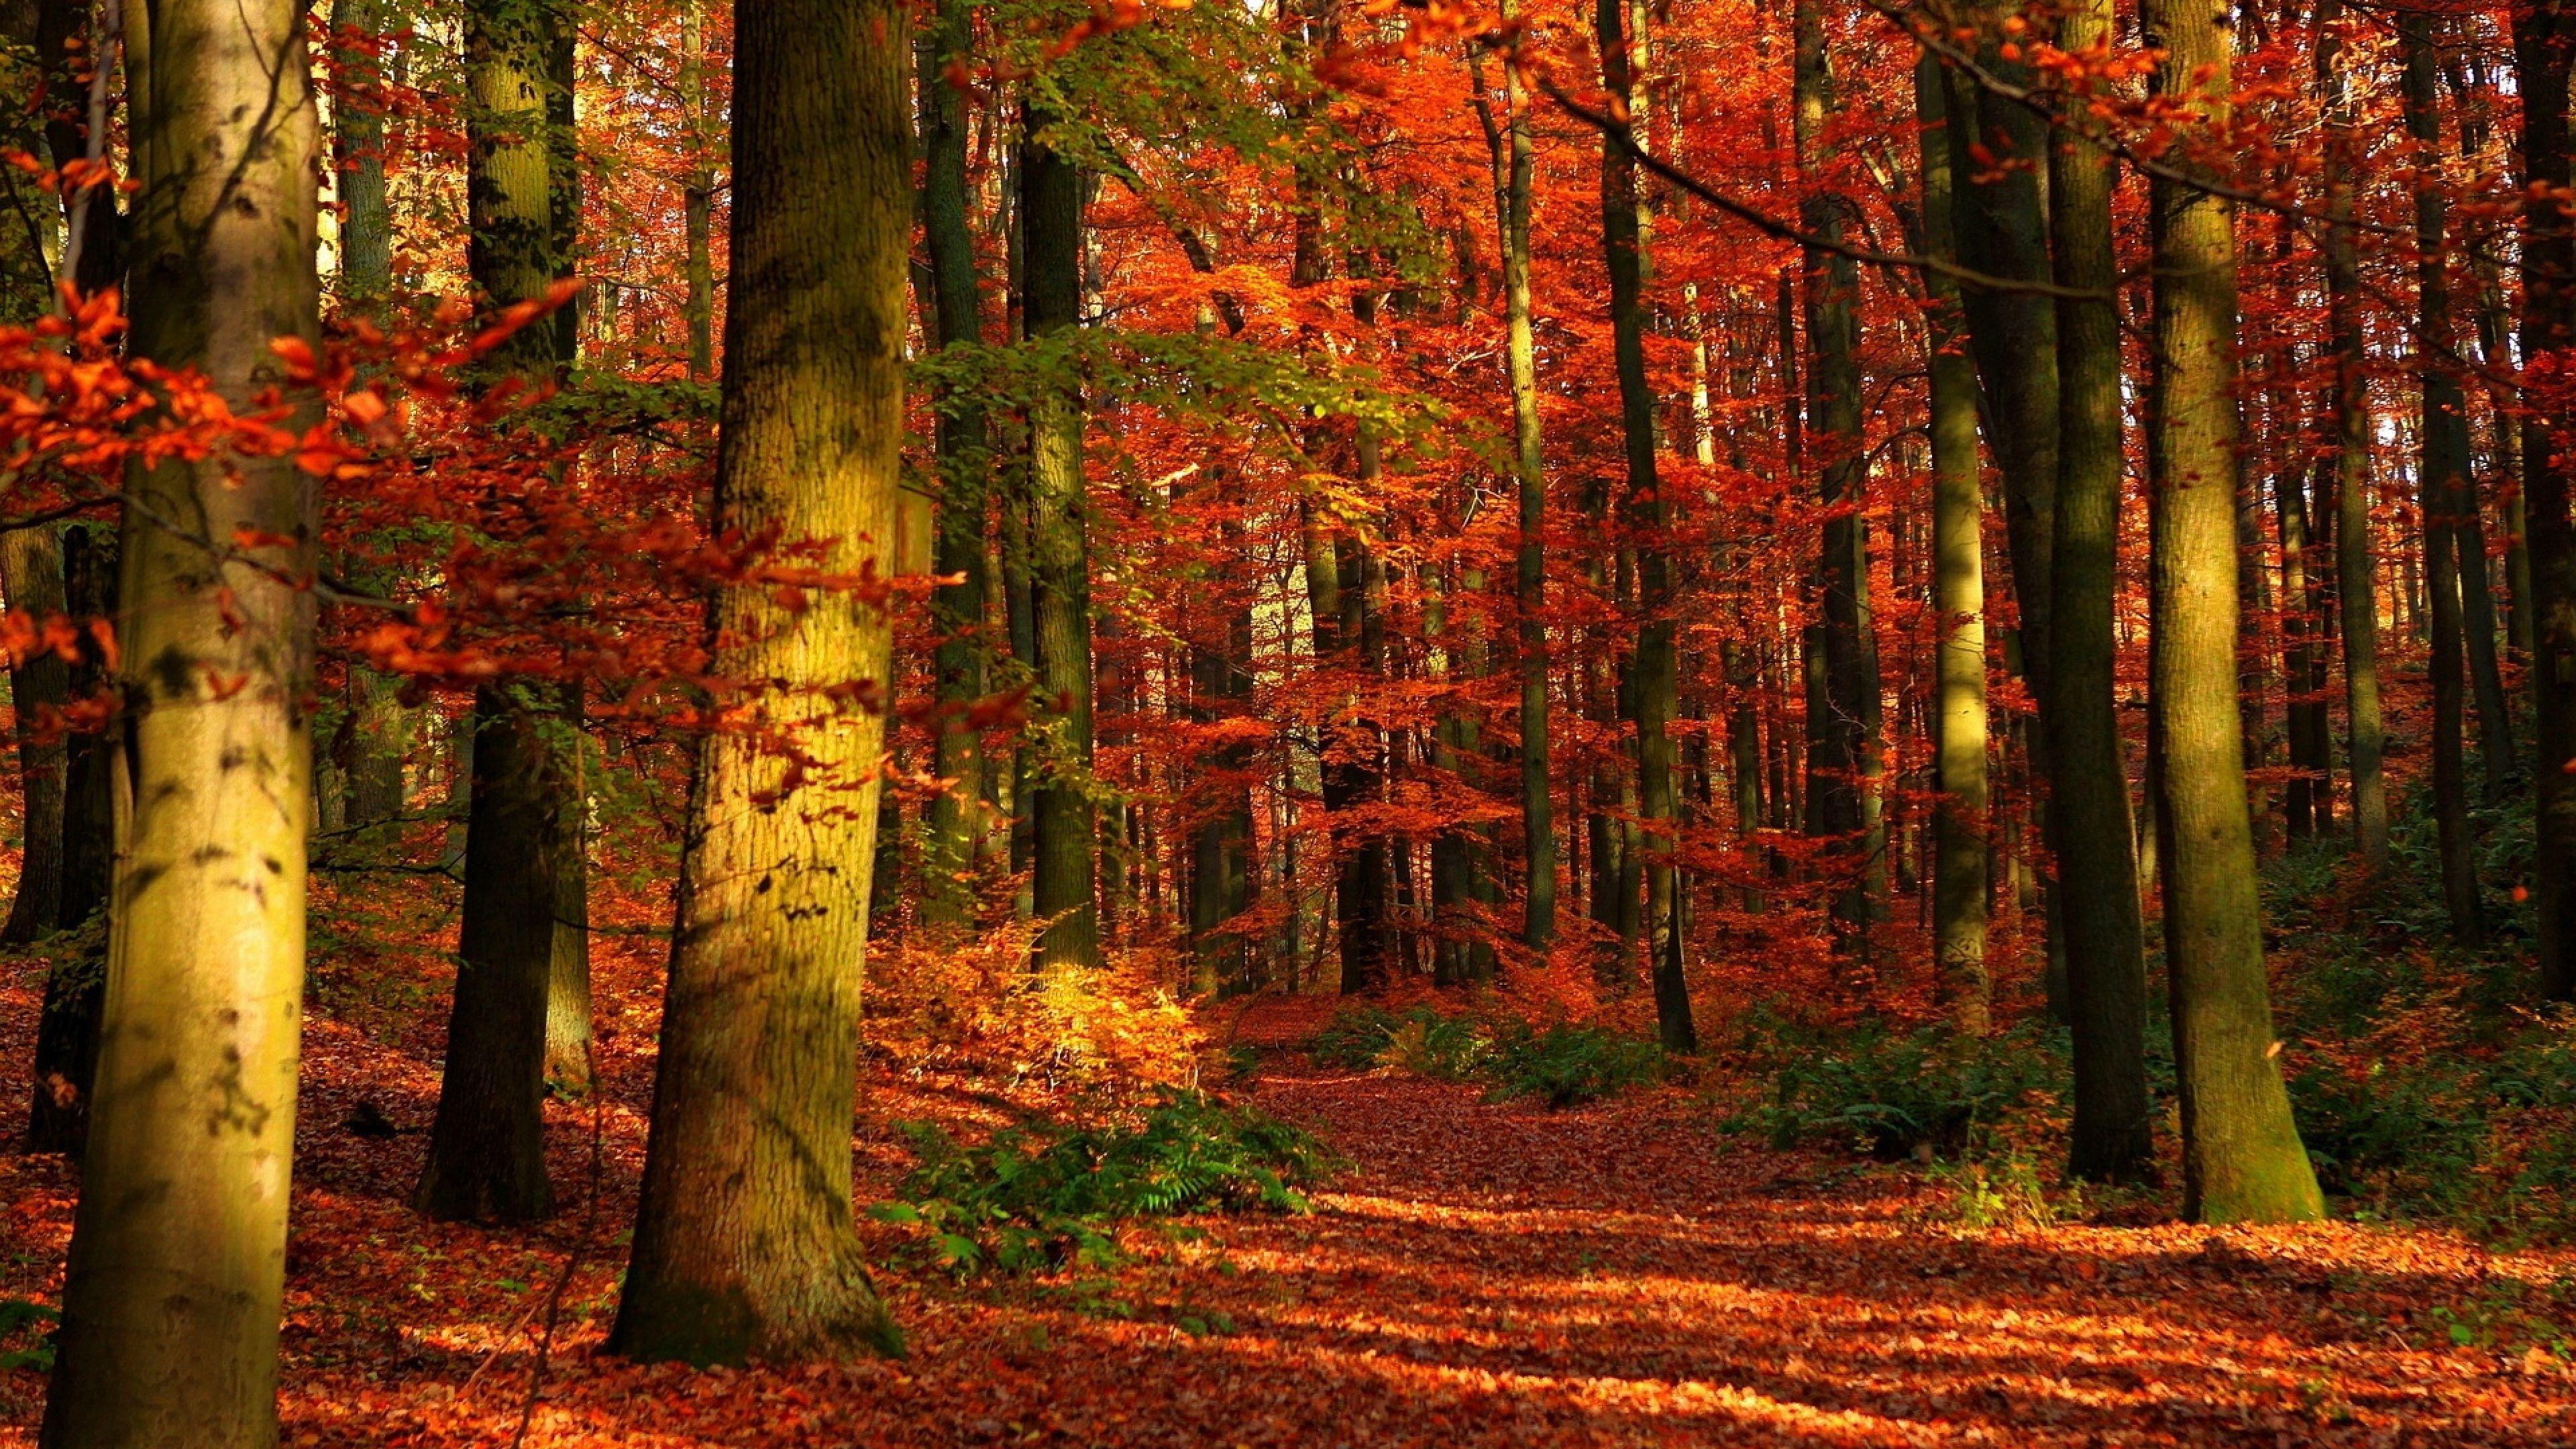 4K Ultra HD Autumn Wallpapers HD, Desktop Backgrounds